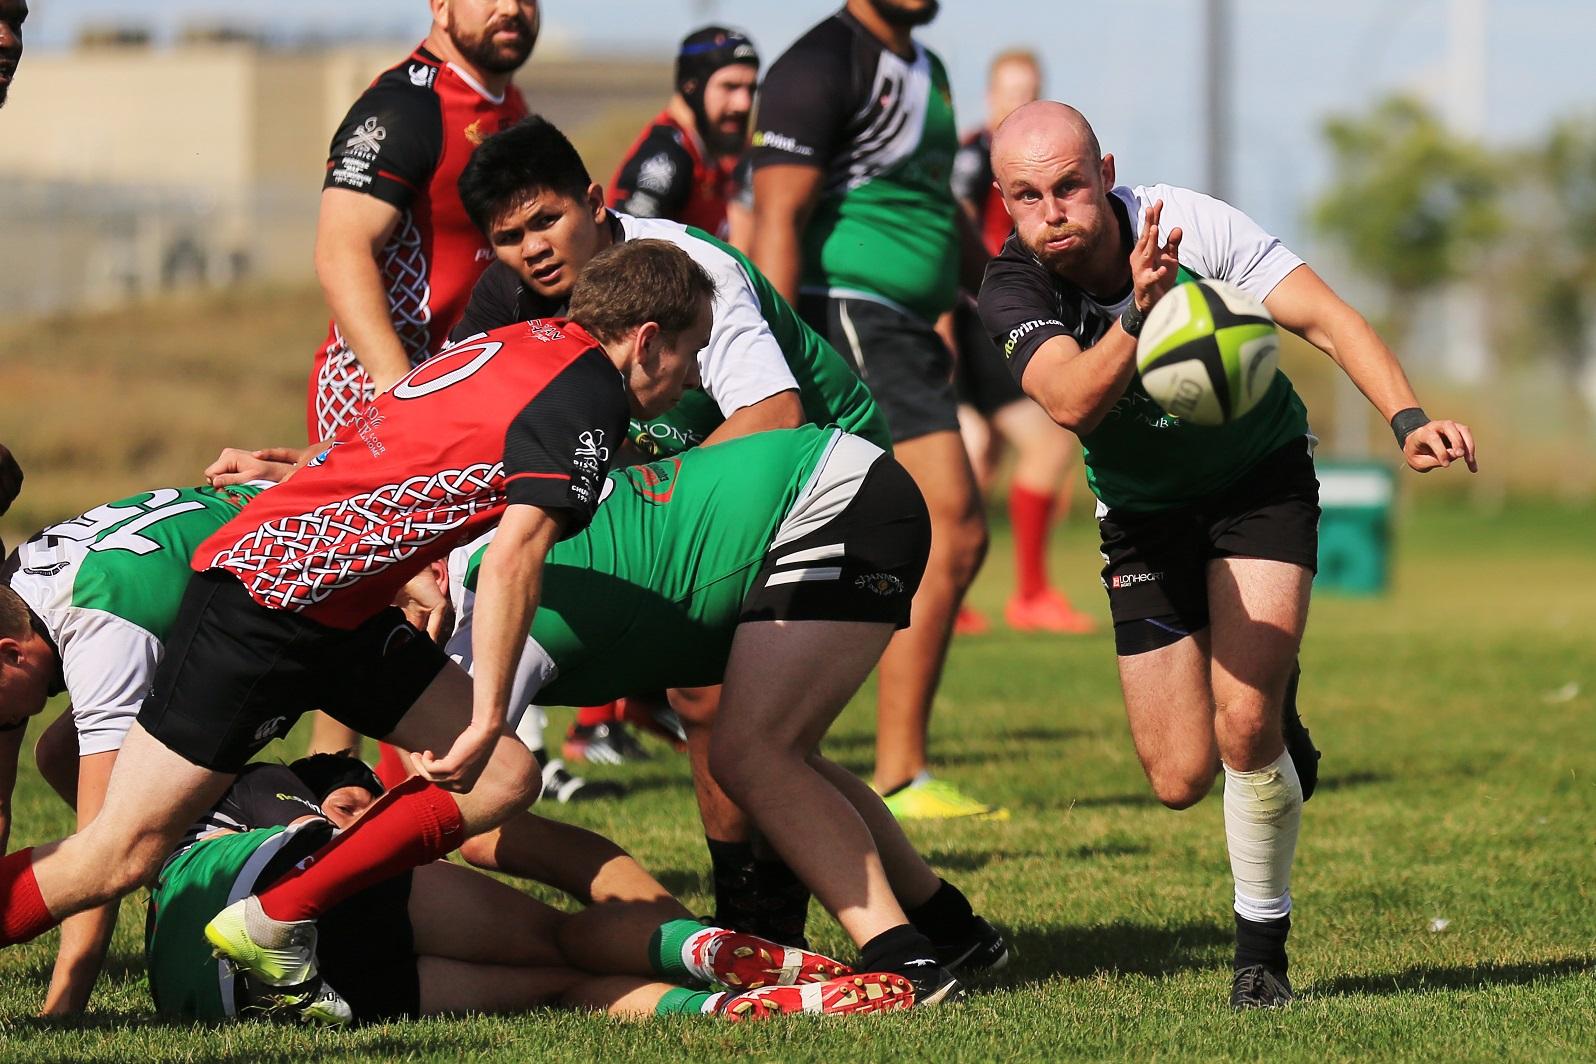 RugbySept14.3edit